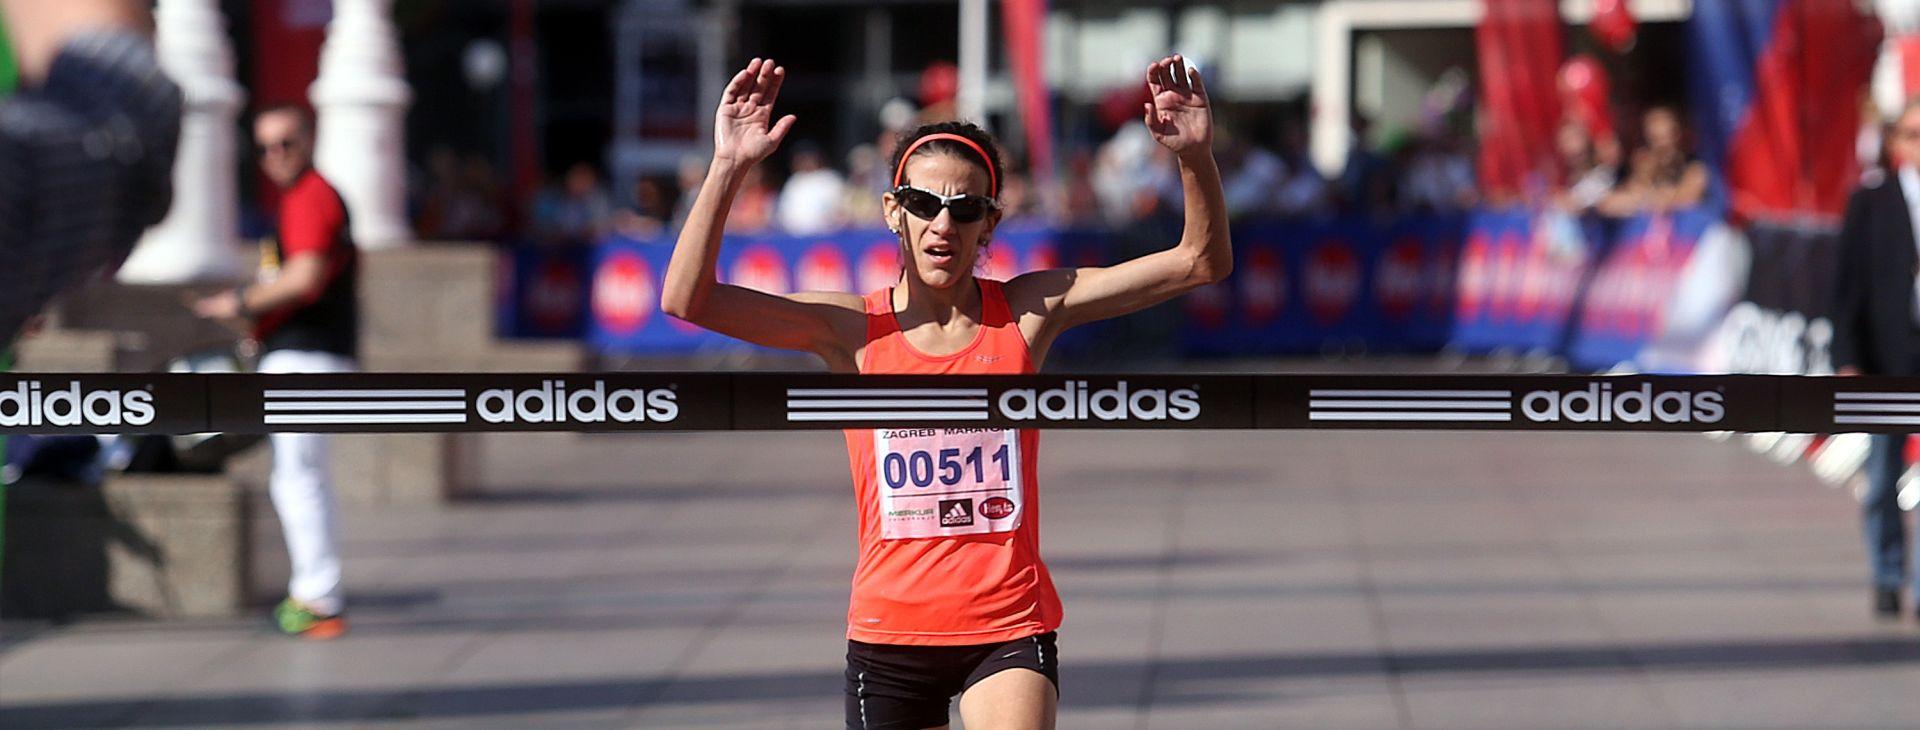 OSTAJE BEZ OLIMPIJSKIH IGARA Lisi Nemec IAAF potvrdio četverogodišnju suspenziju